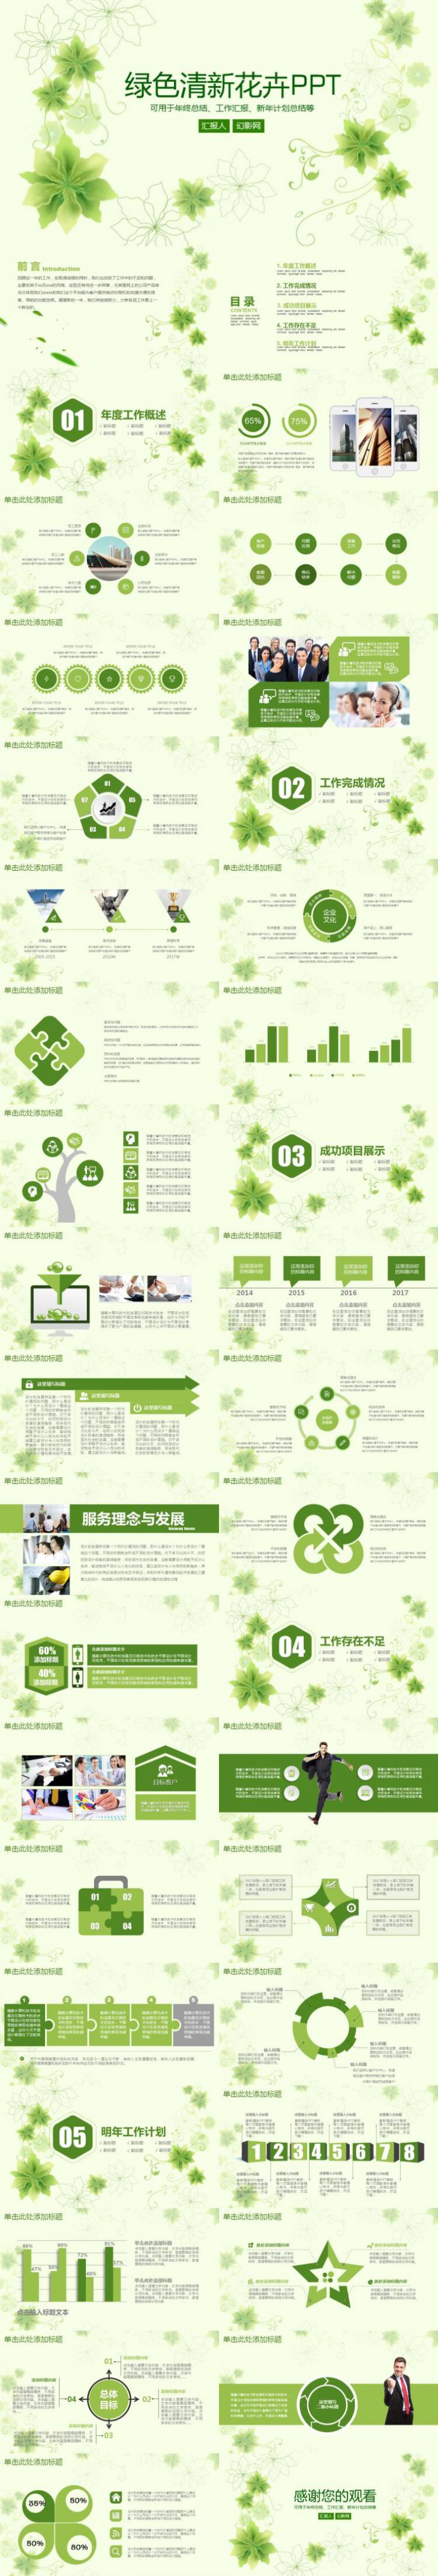 绿色清新花卉动态PPT幻灯片模板